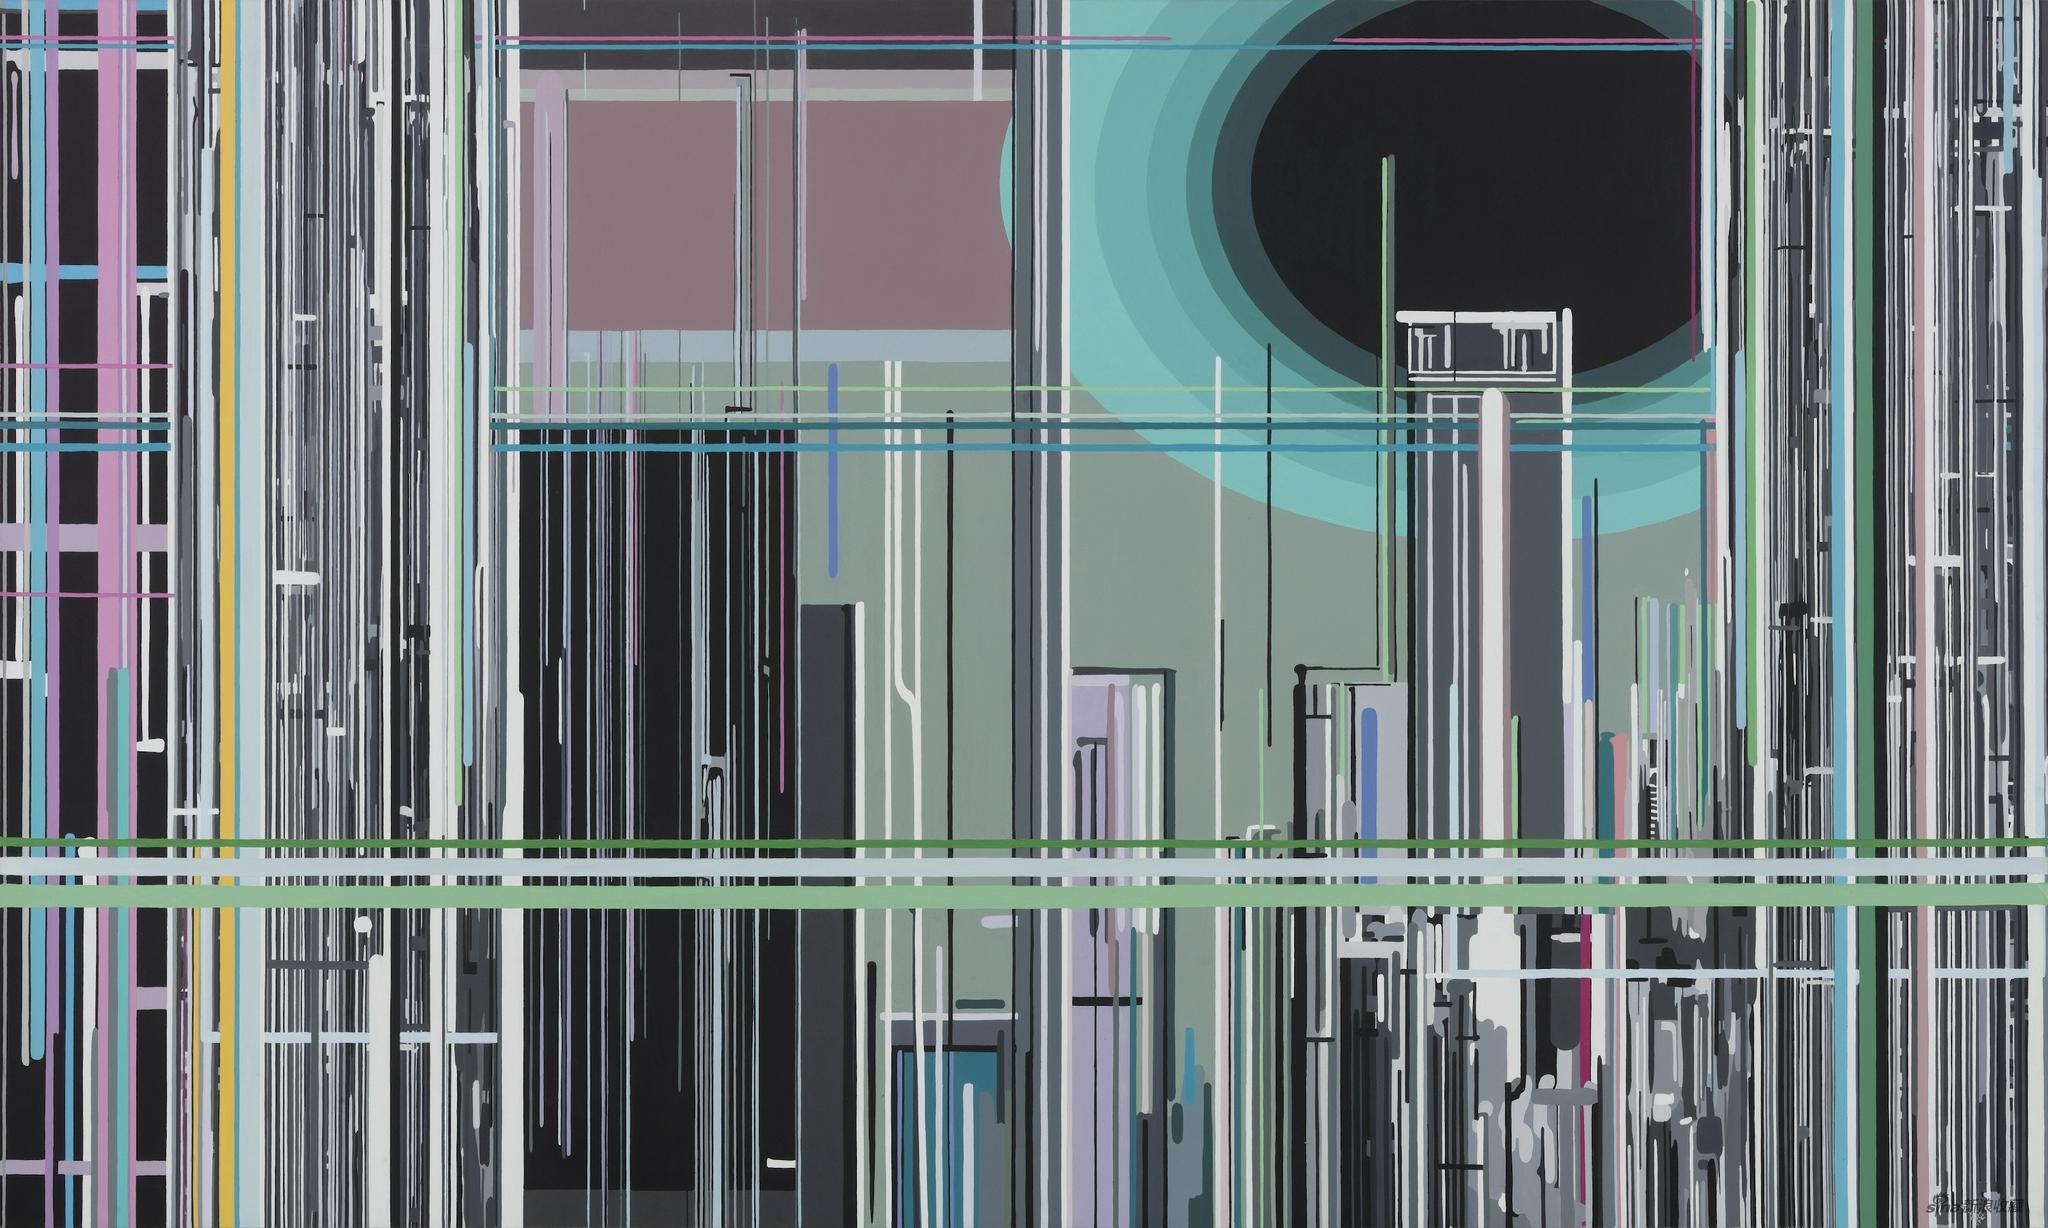 刘韡|Liu Wei  《紫气》 |Purple Clouds  布面油画| Oil on canvas,150 × 240 cm,2009  ?艺术家和华艺国际拍卖